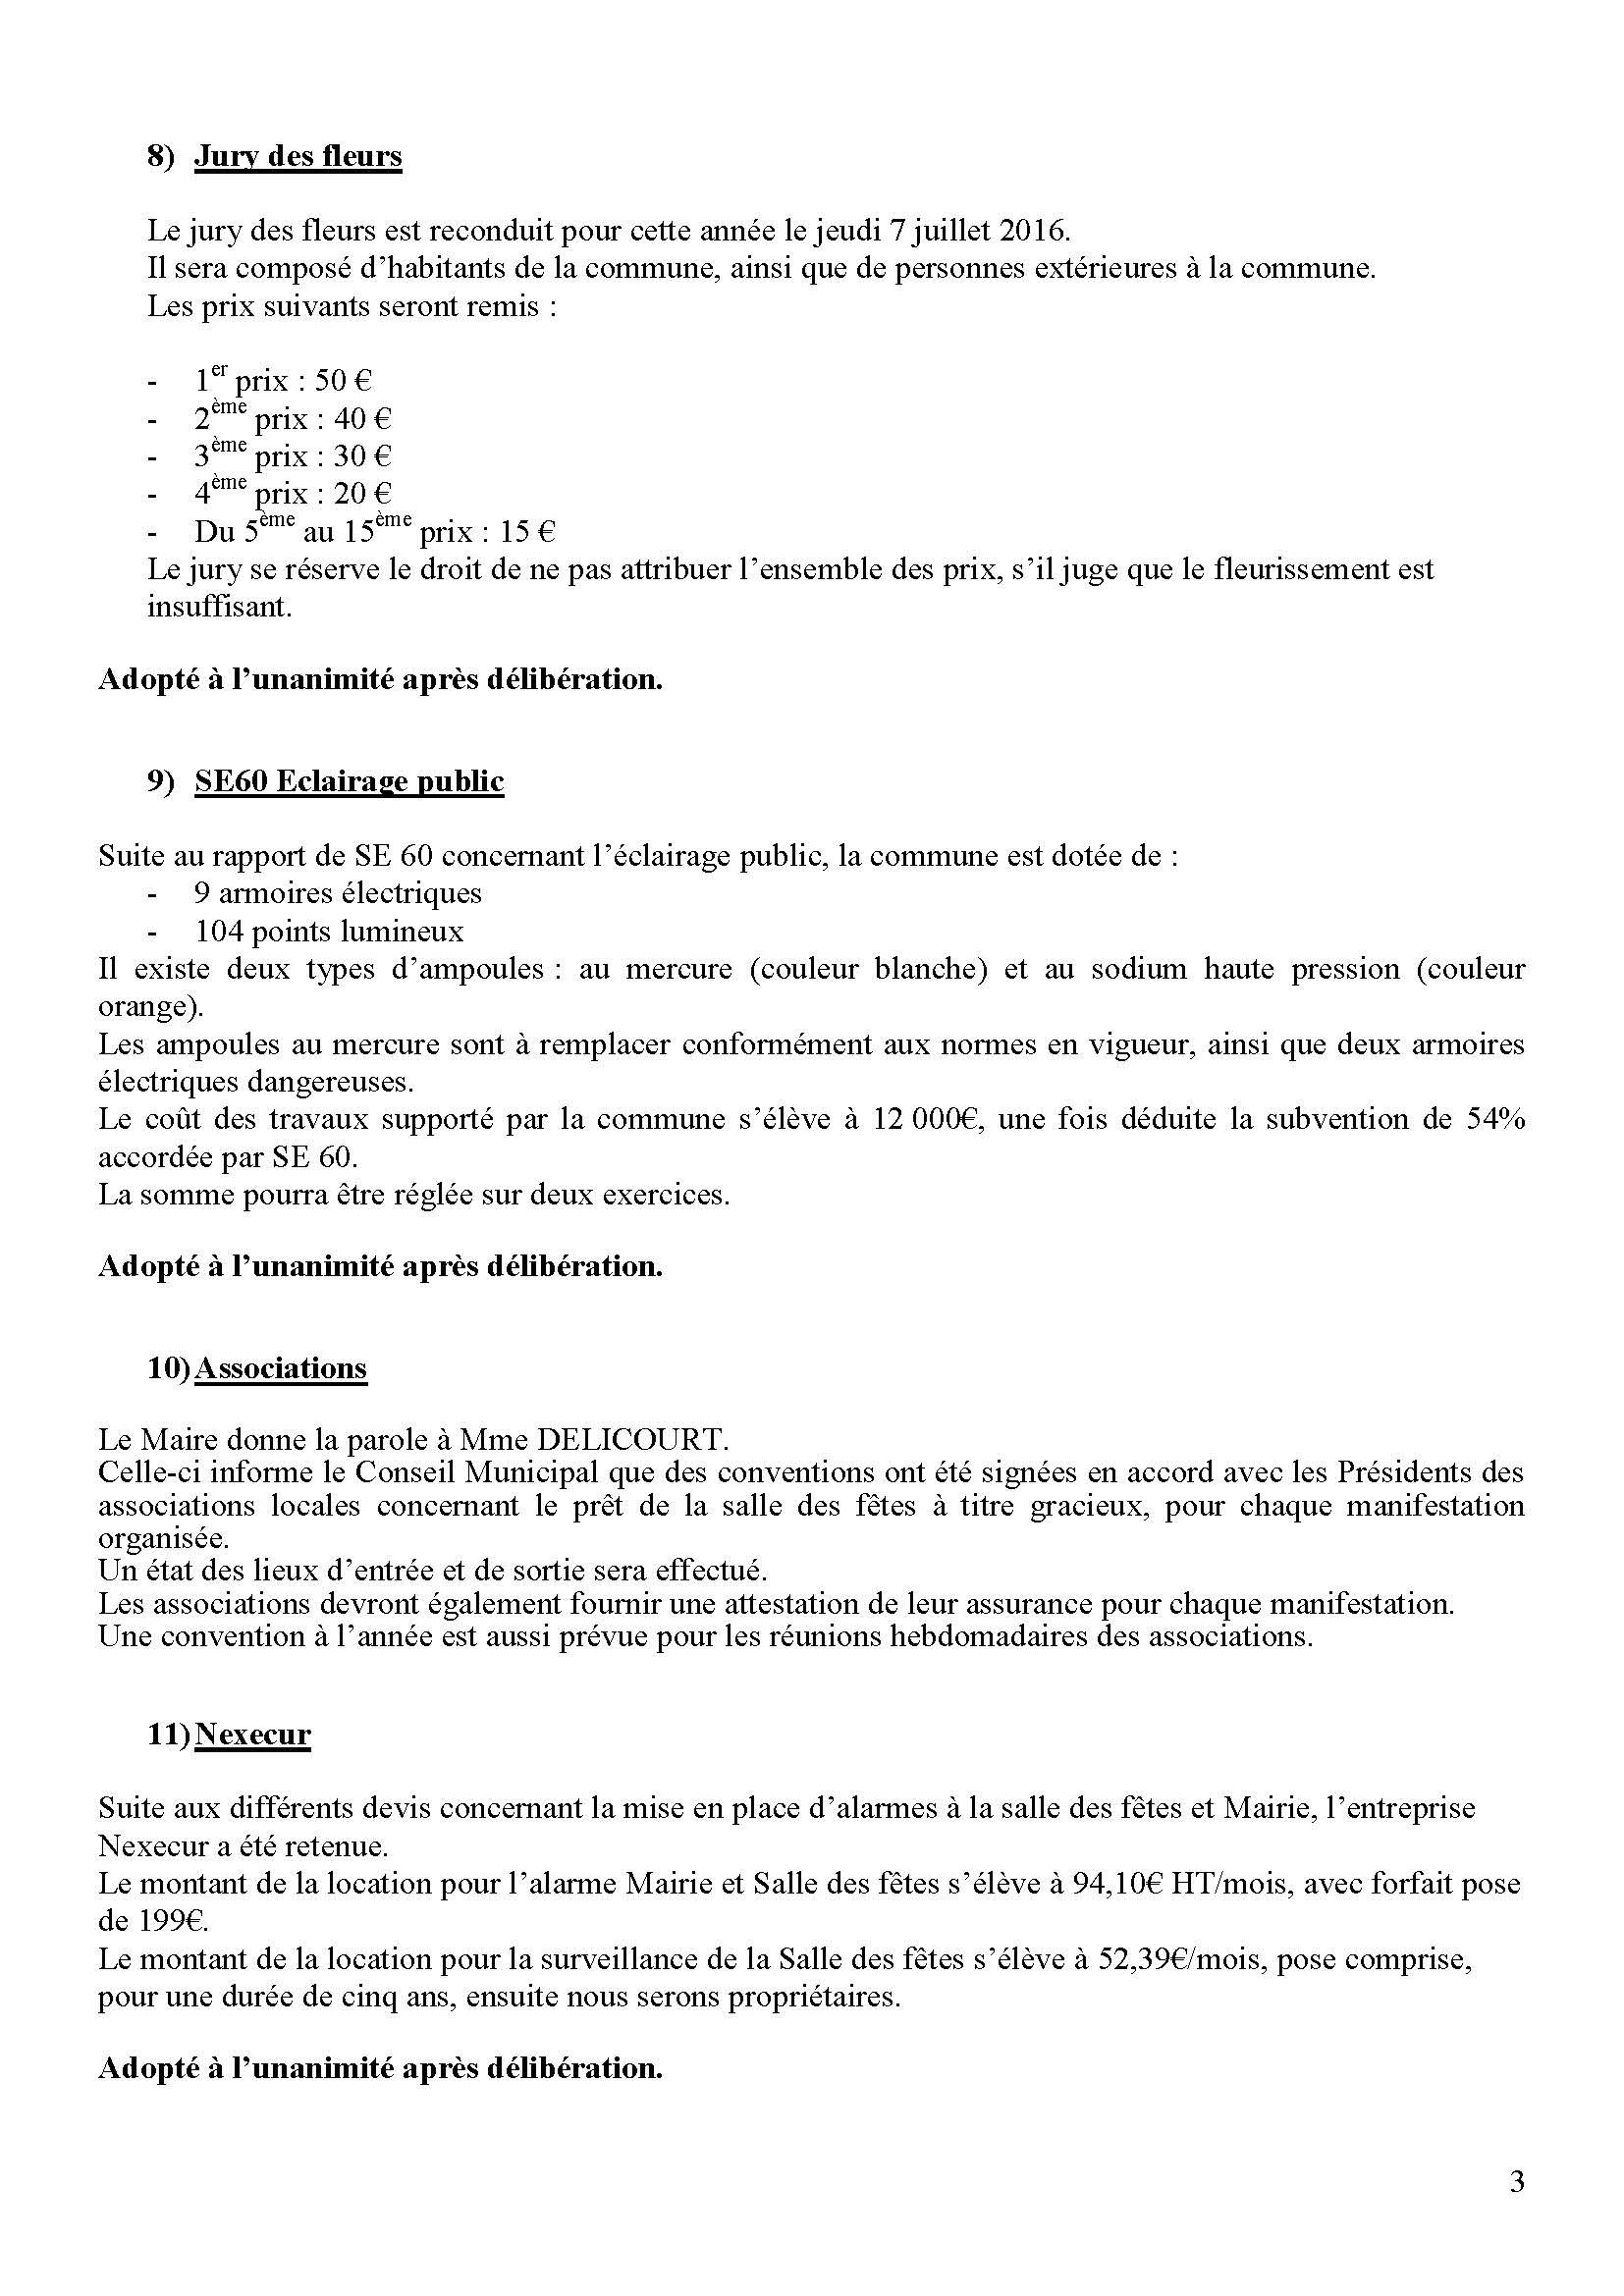 cr-du-20052016-page-3